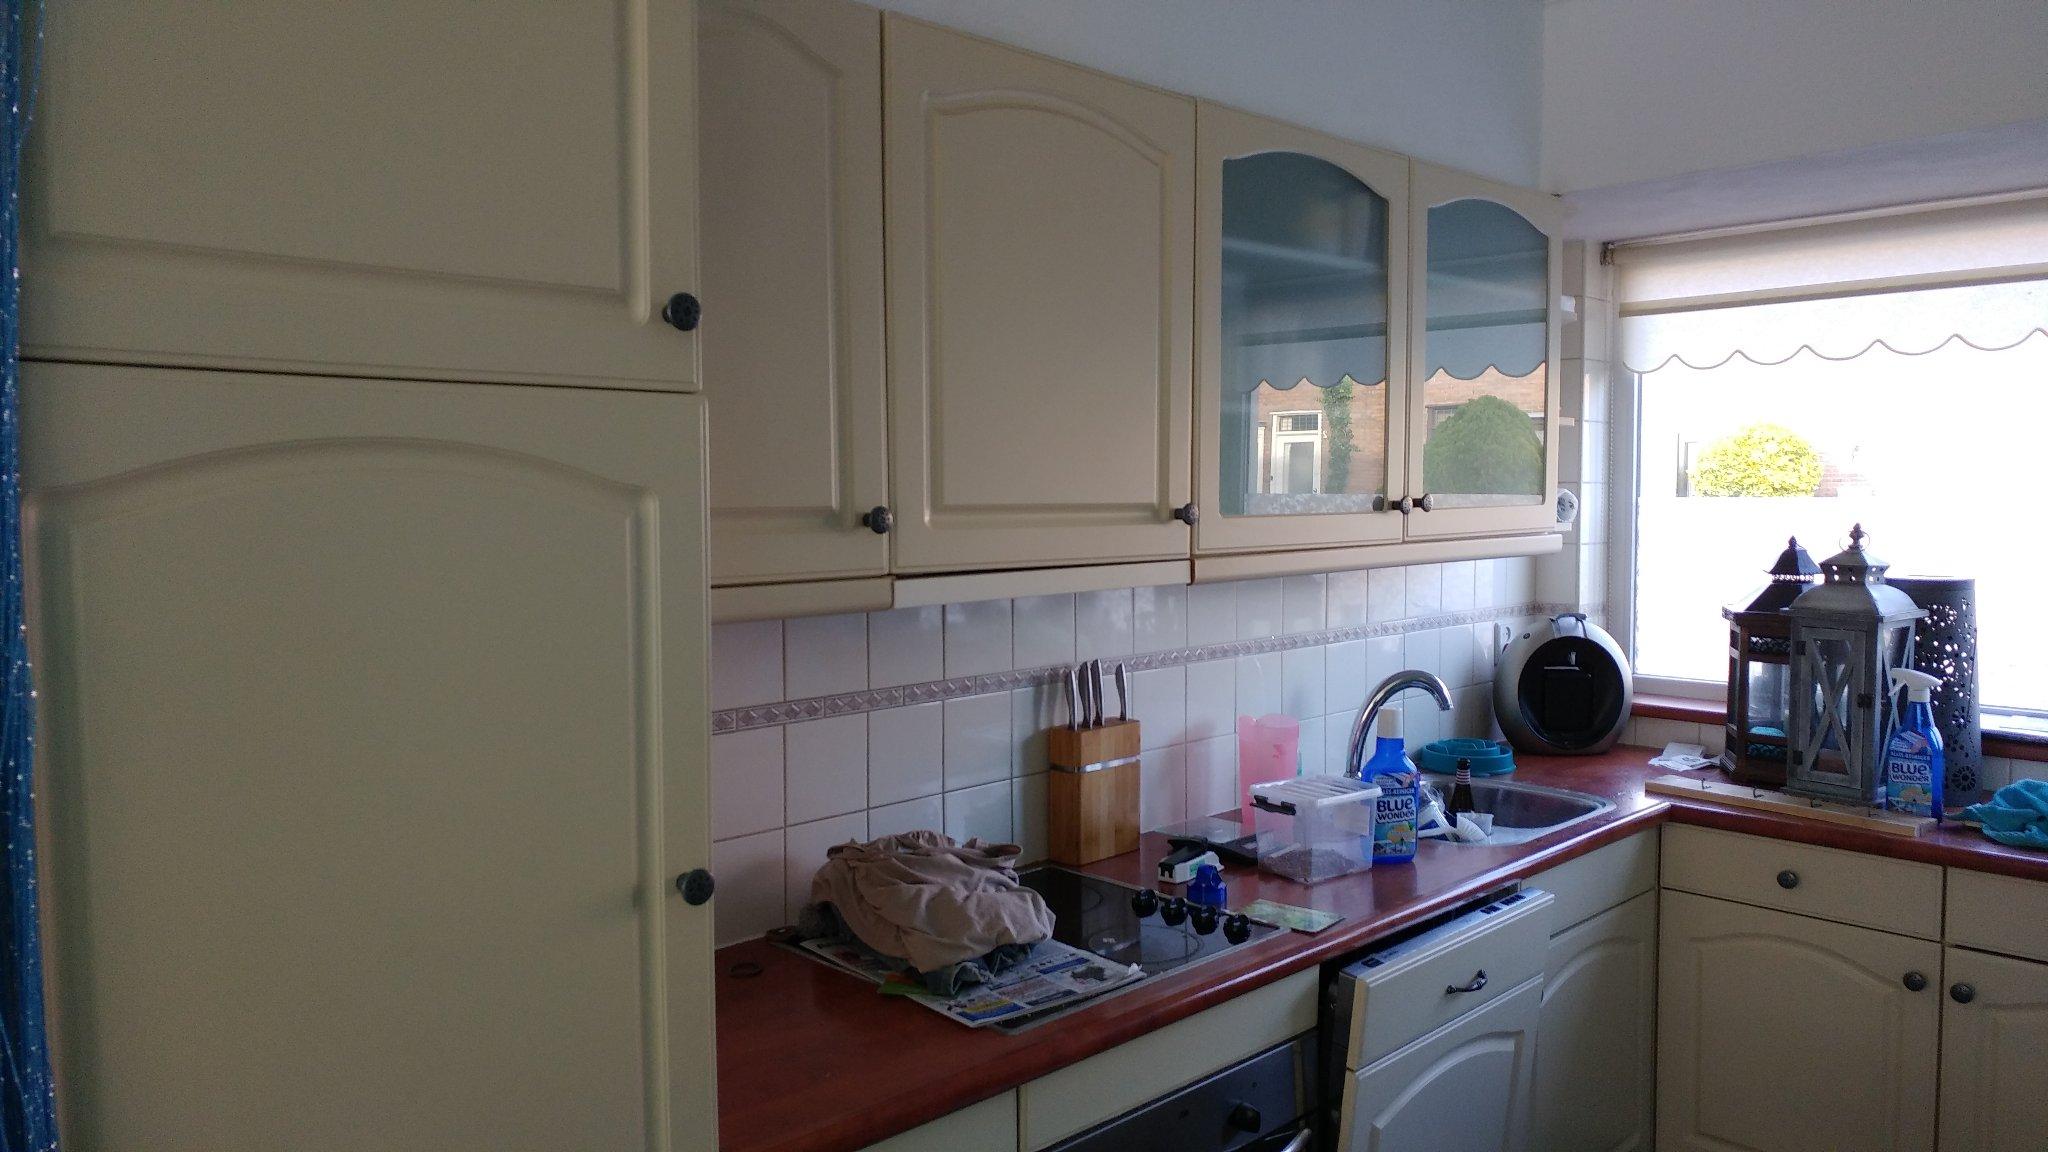 Beste Keuken Demonteren : Keuken demonteren lijdingschema nalopen keuken monteren werkspot